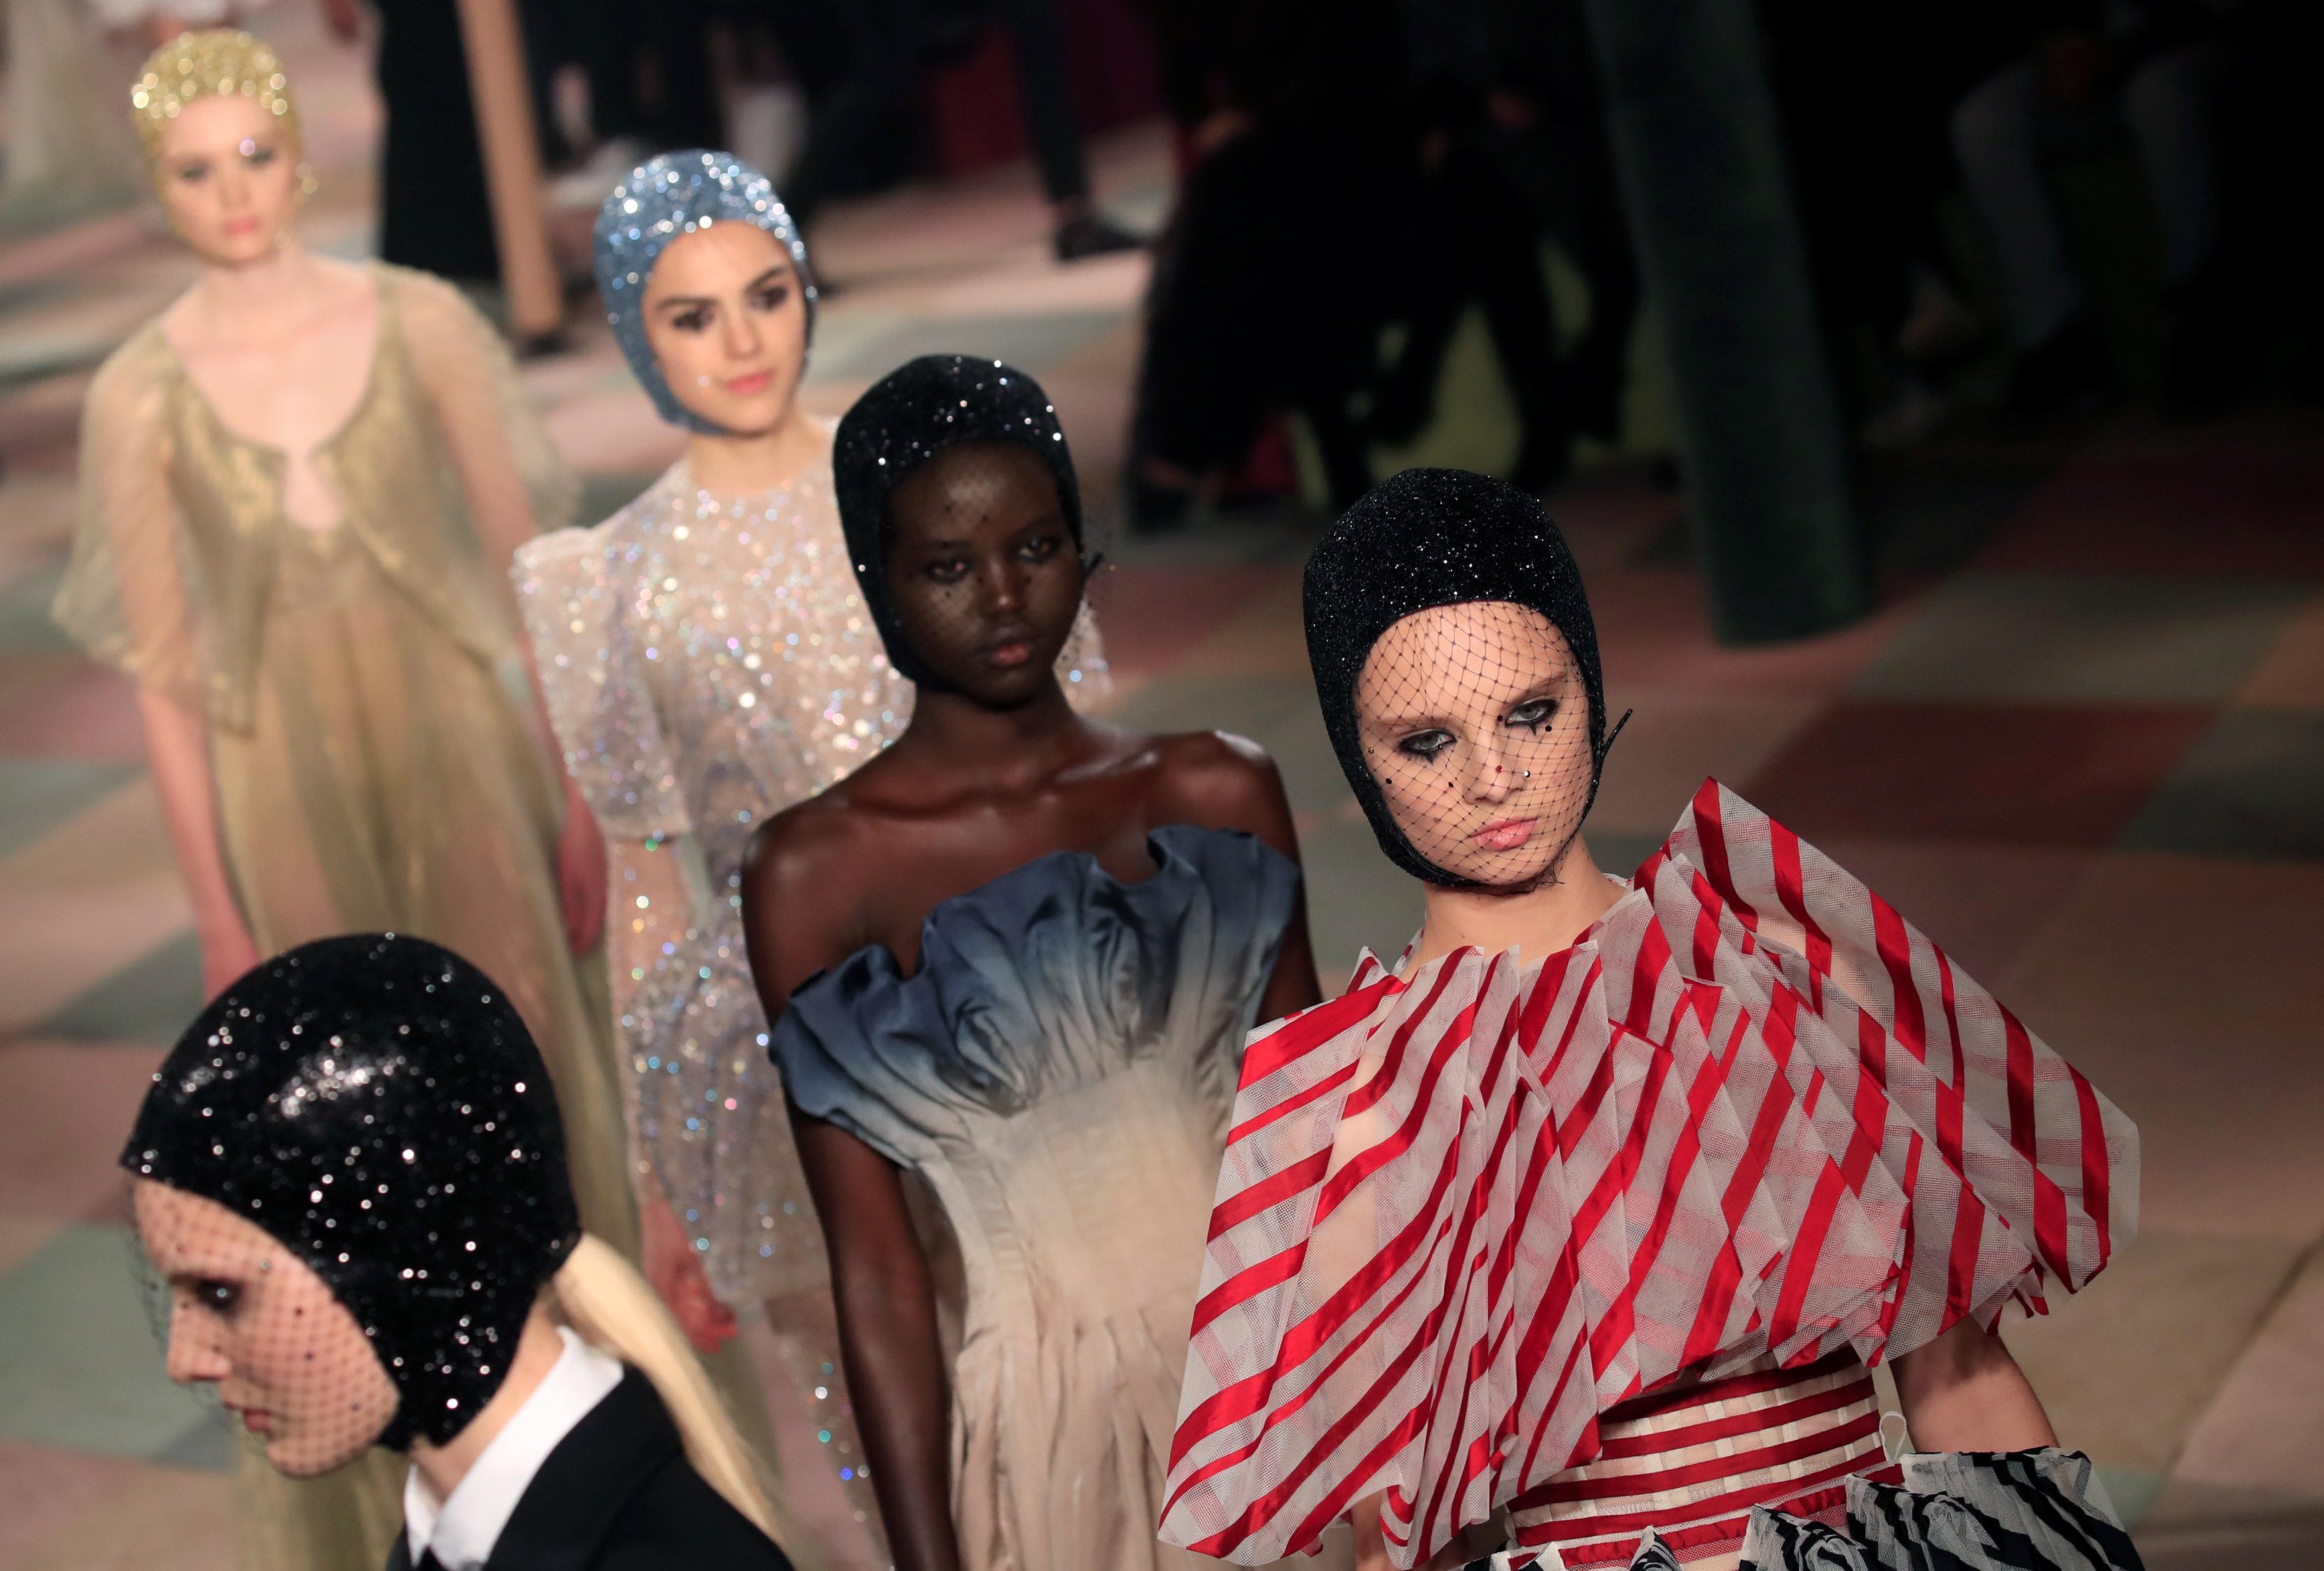 عرض أزياء ماكسيم سيمنز خلال أسبوع الموضة بباريس (8)